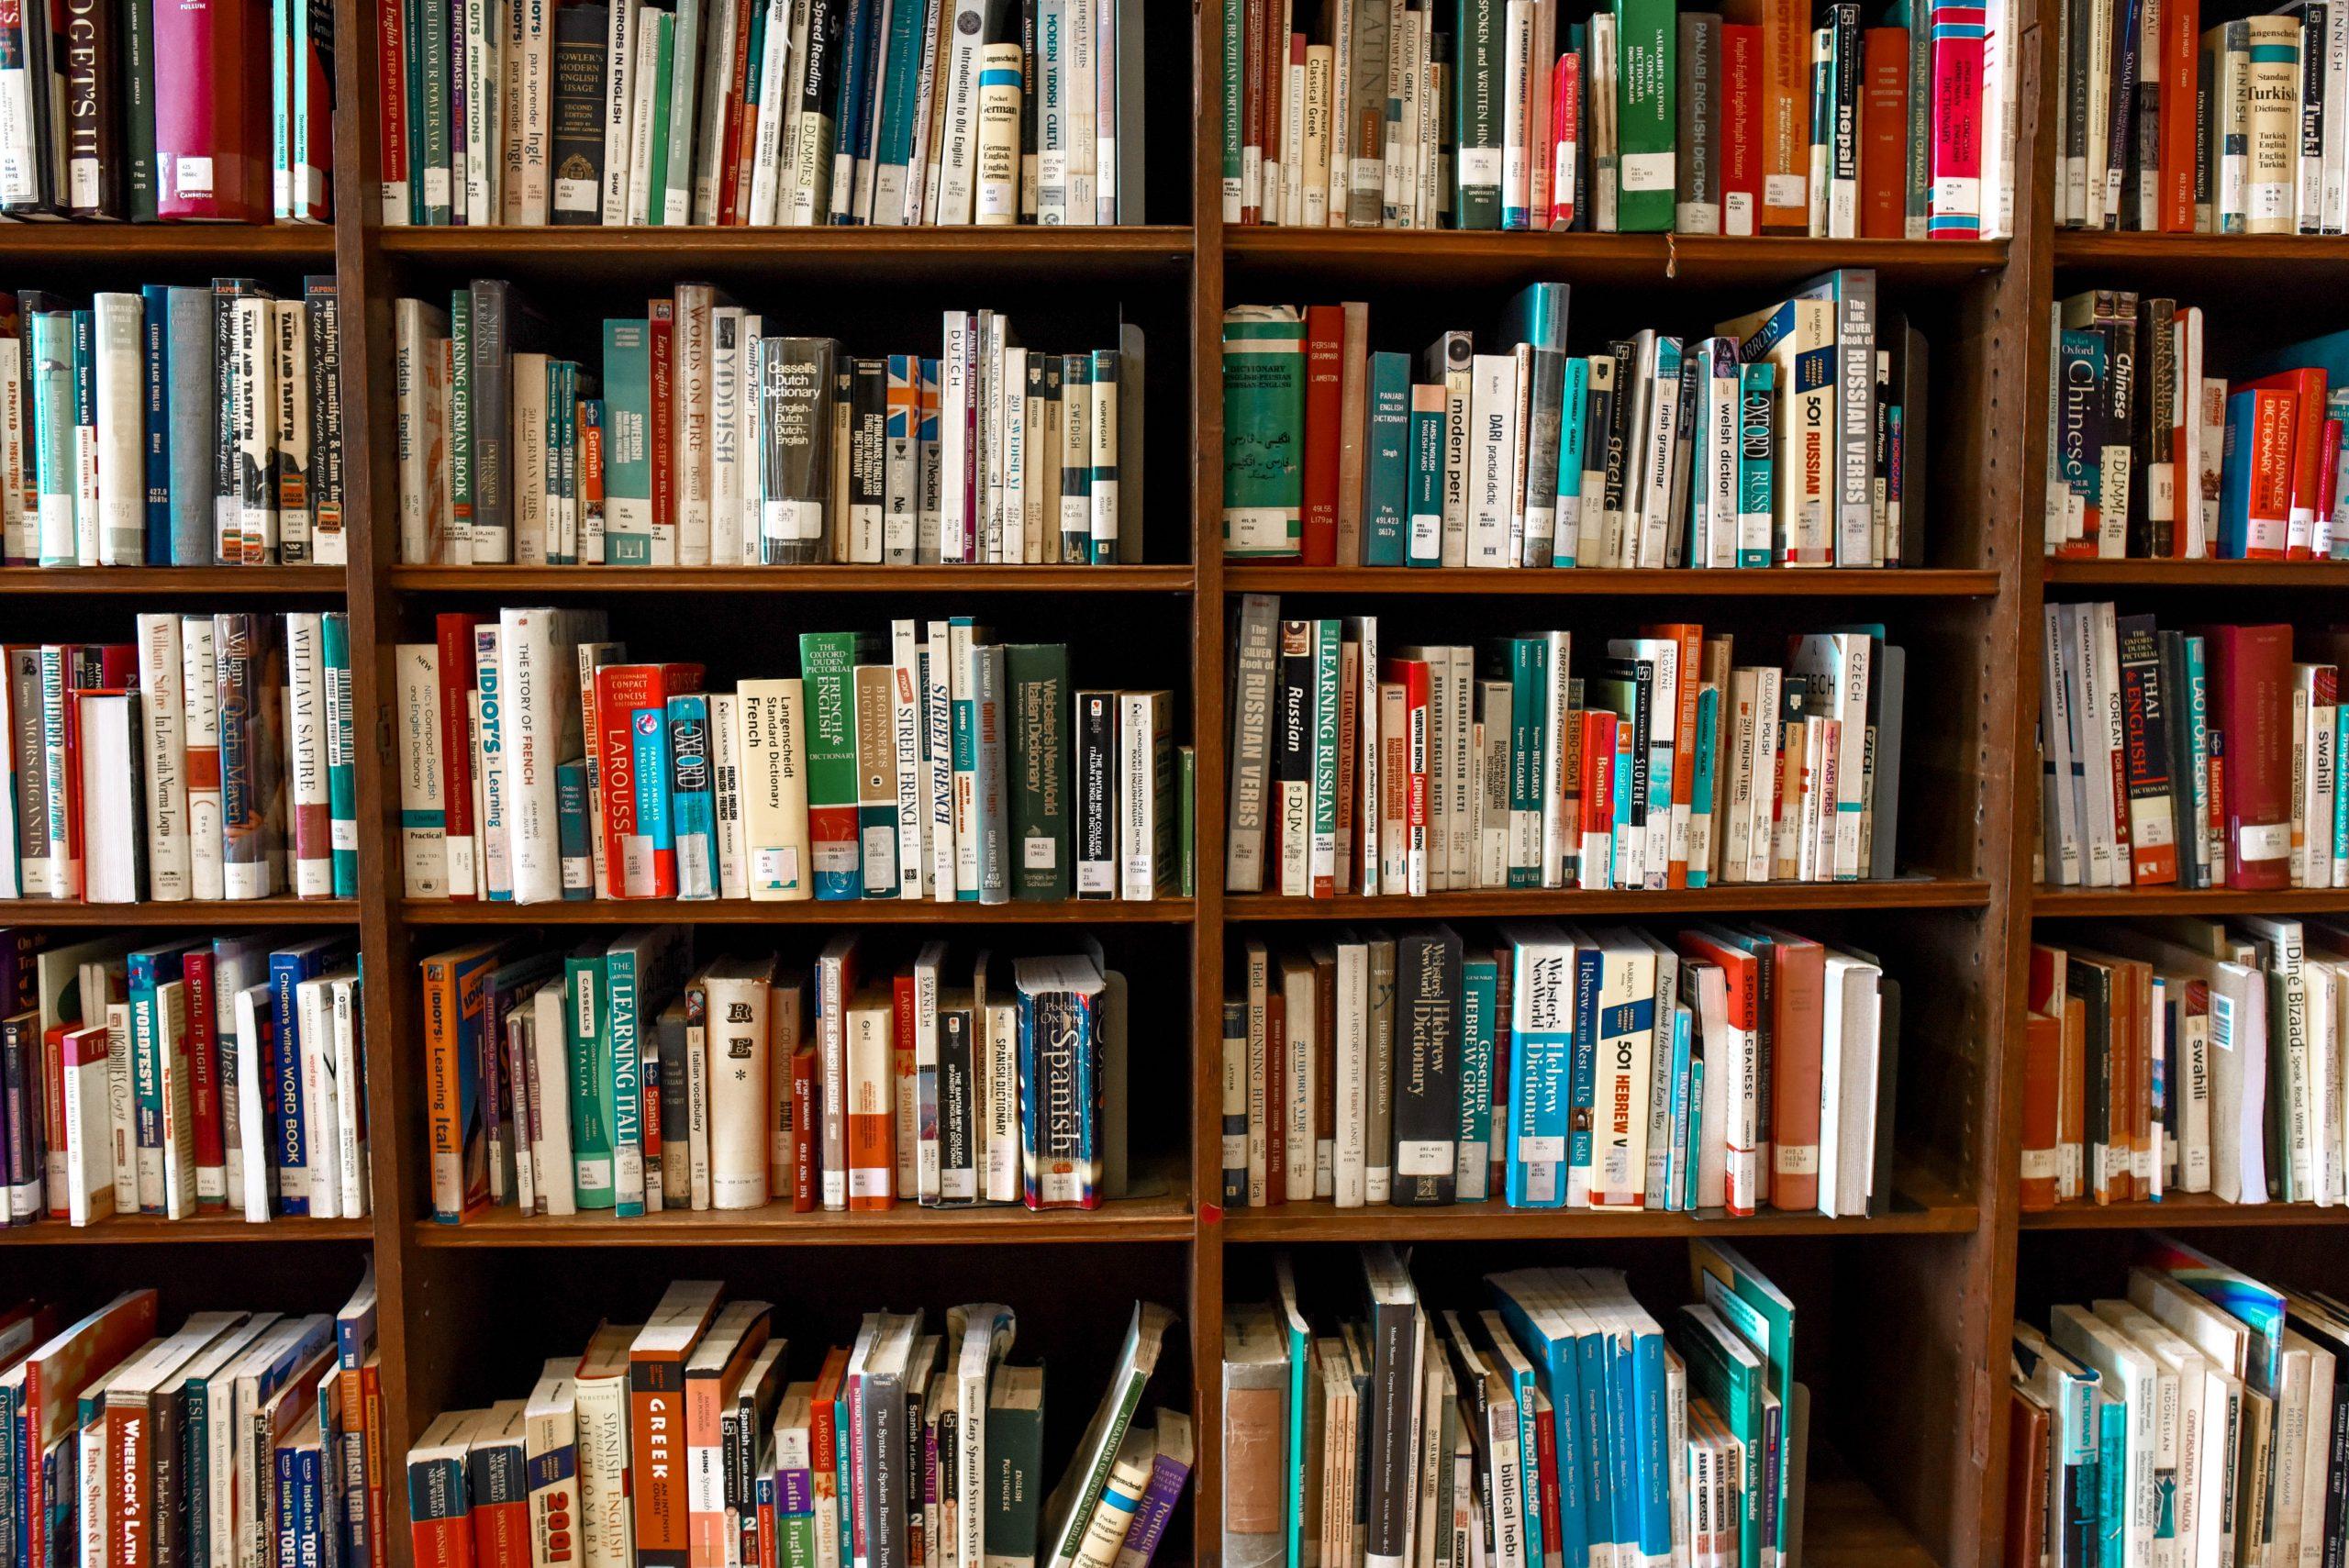 Diciplina Positiva Laia Riben biblioteca de información